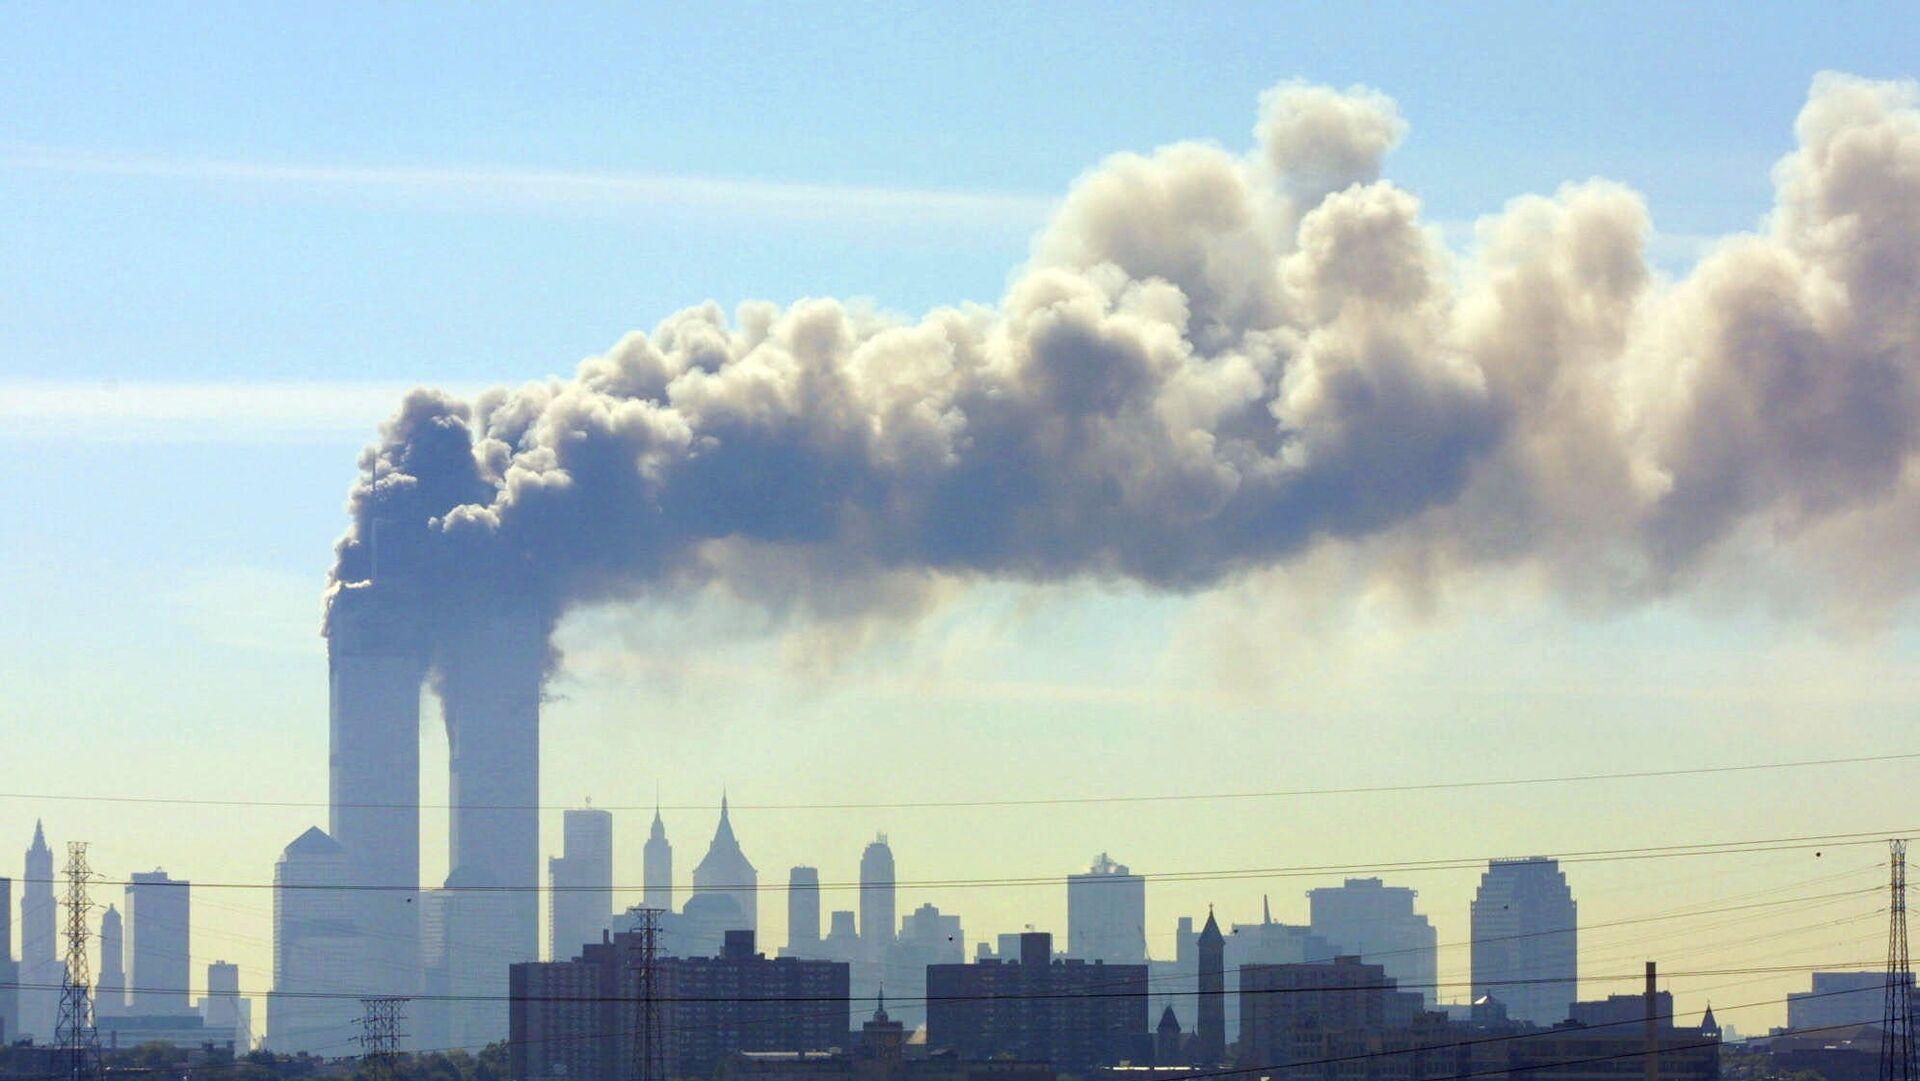 Ataque terrorista contra las Torres Gemelas en Nueva York (archivo) - Sputnik Mundo, 1920, 11.09.2021